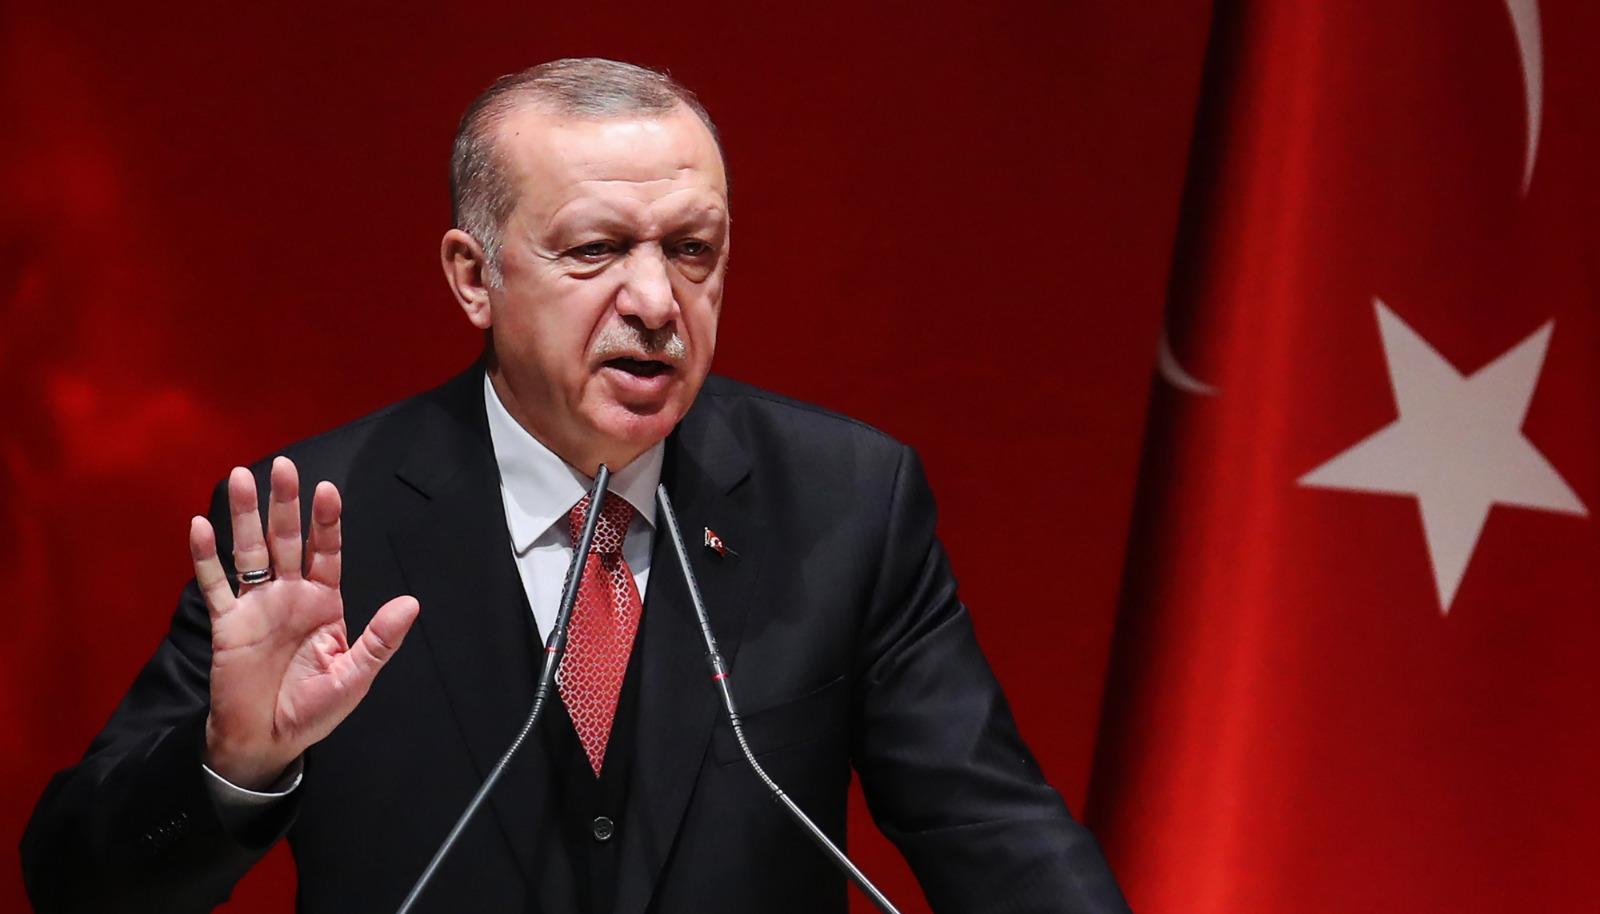 ABD Dışişleri Bakanlığı, Türkiye Cumhurbaşkanı Erdoğan'a dair kınama yayınladı